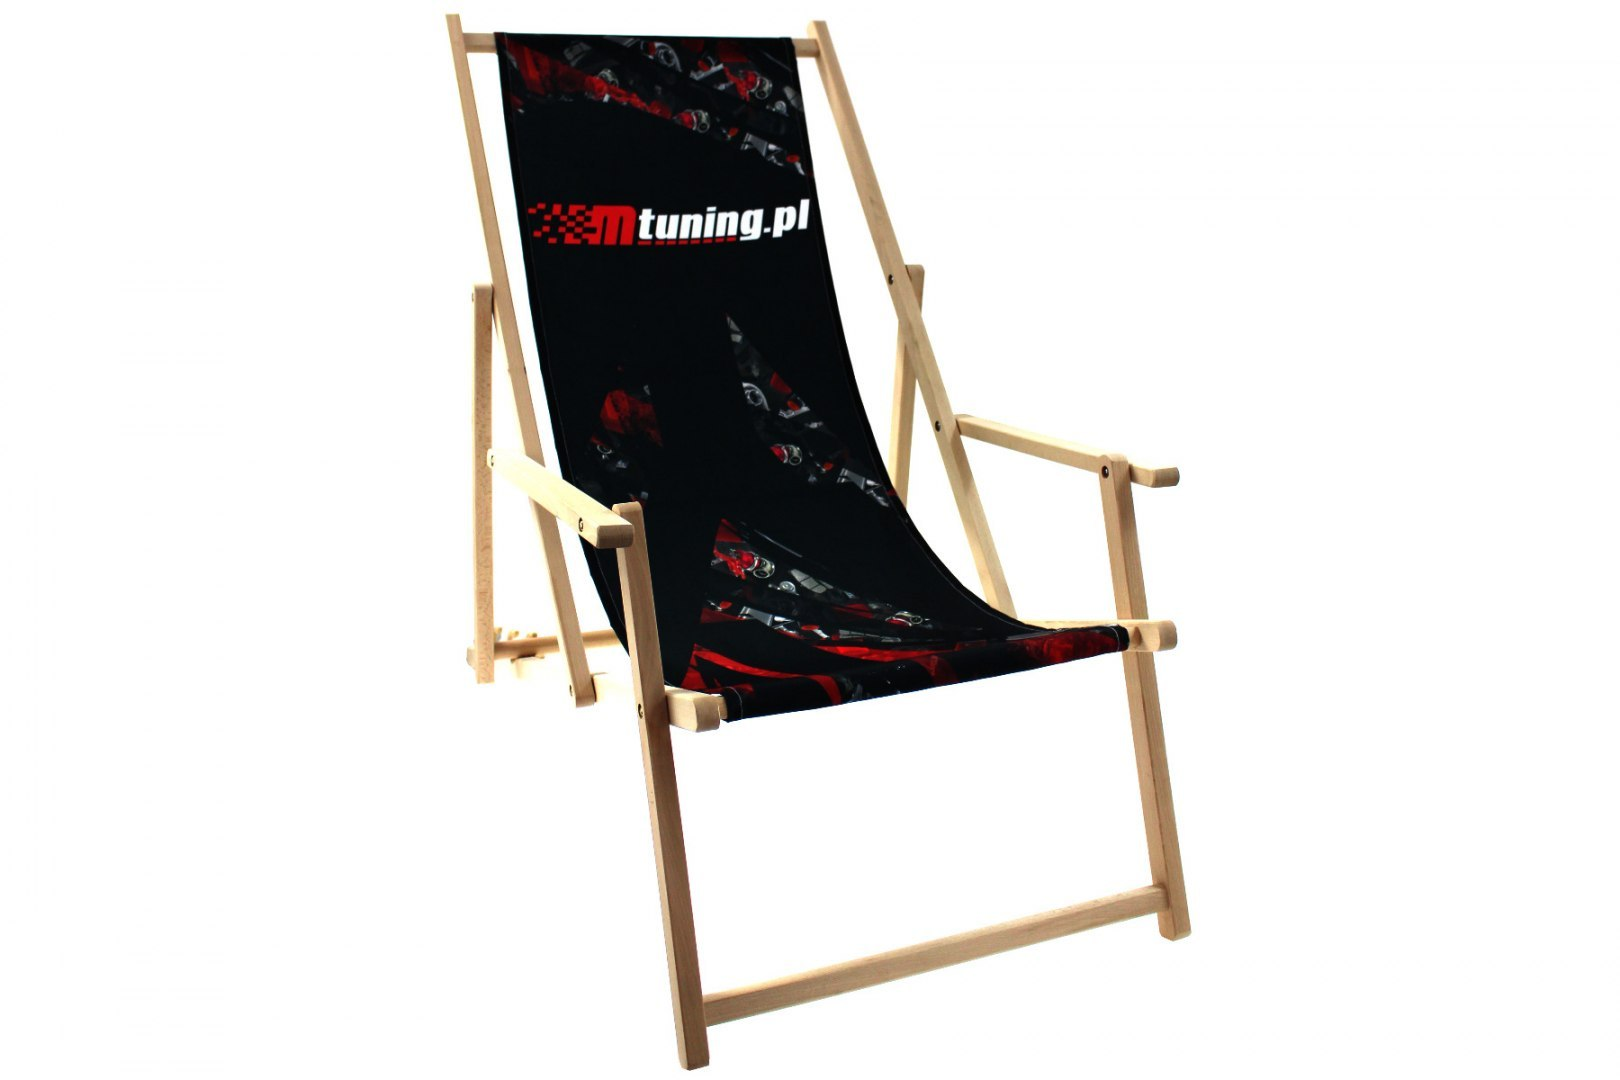 Leżak MTuning - GRUBYGARAGE - Sklep Tuningowy